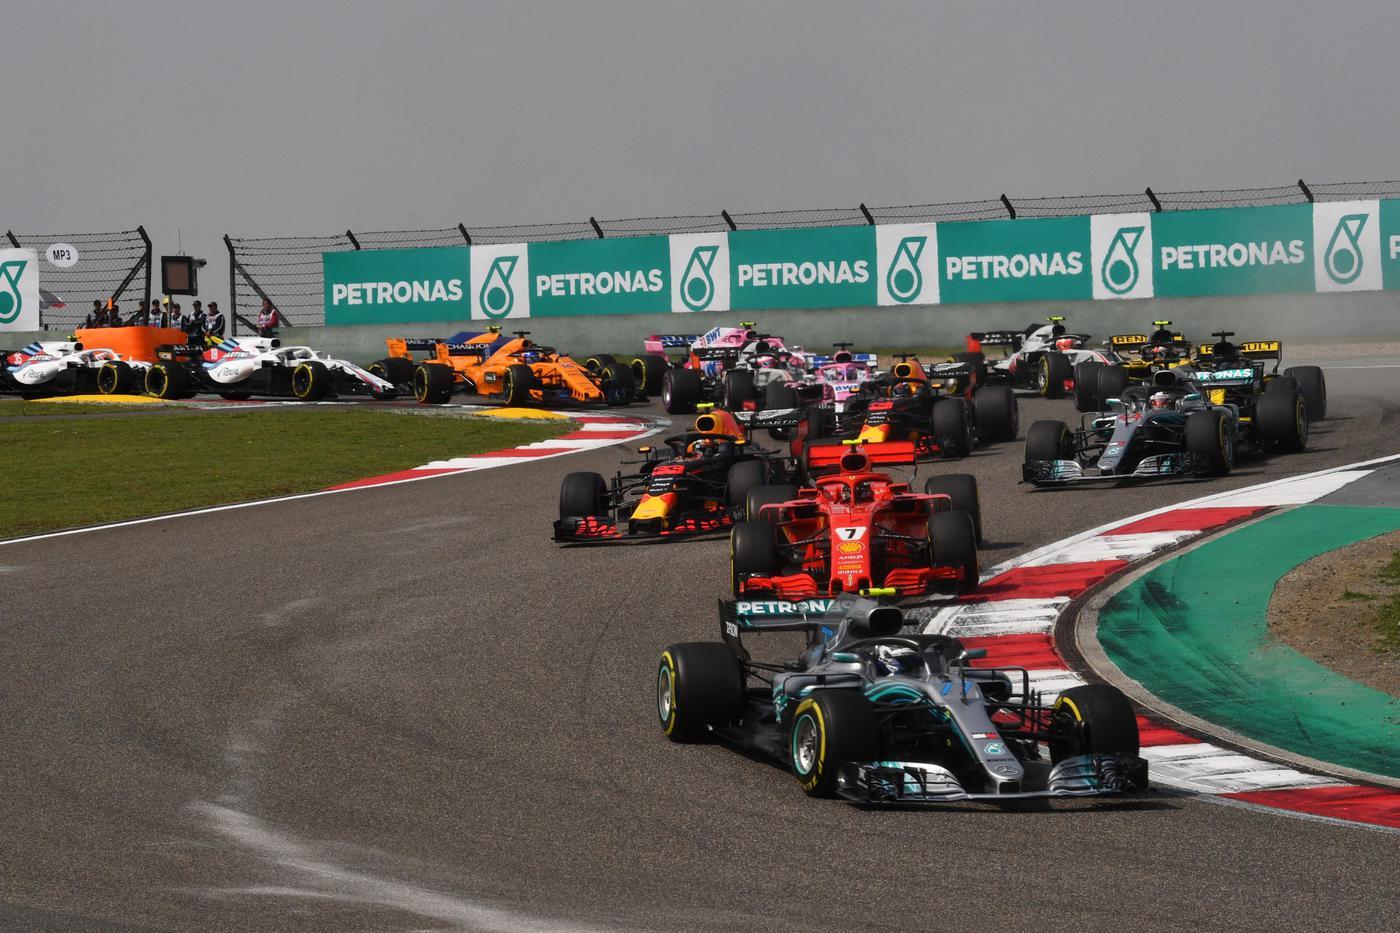 Имола может заменить Гран-при Китая в календаре Формулы-1 - фото